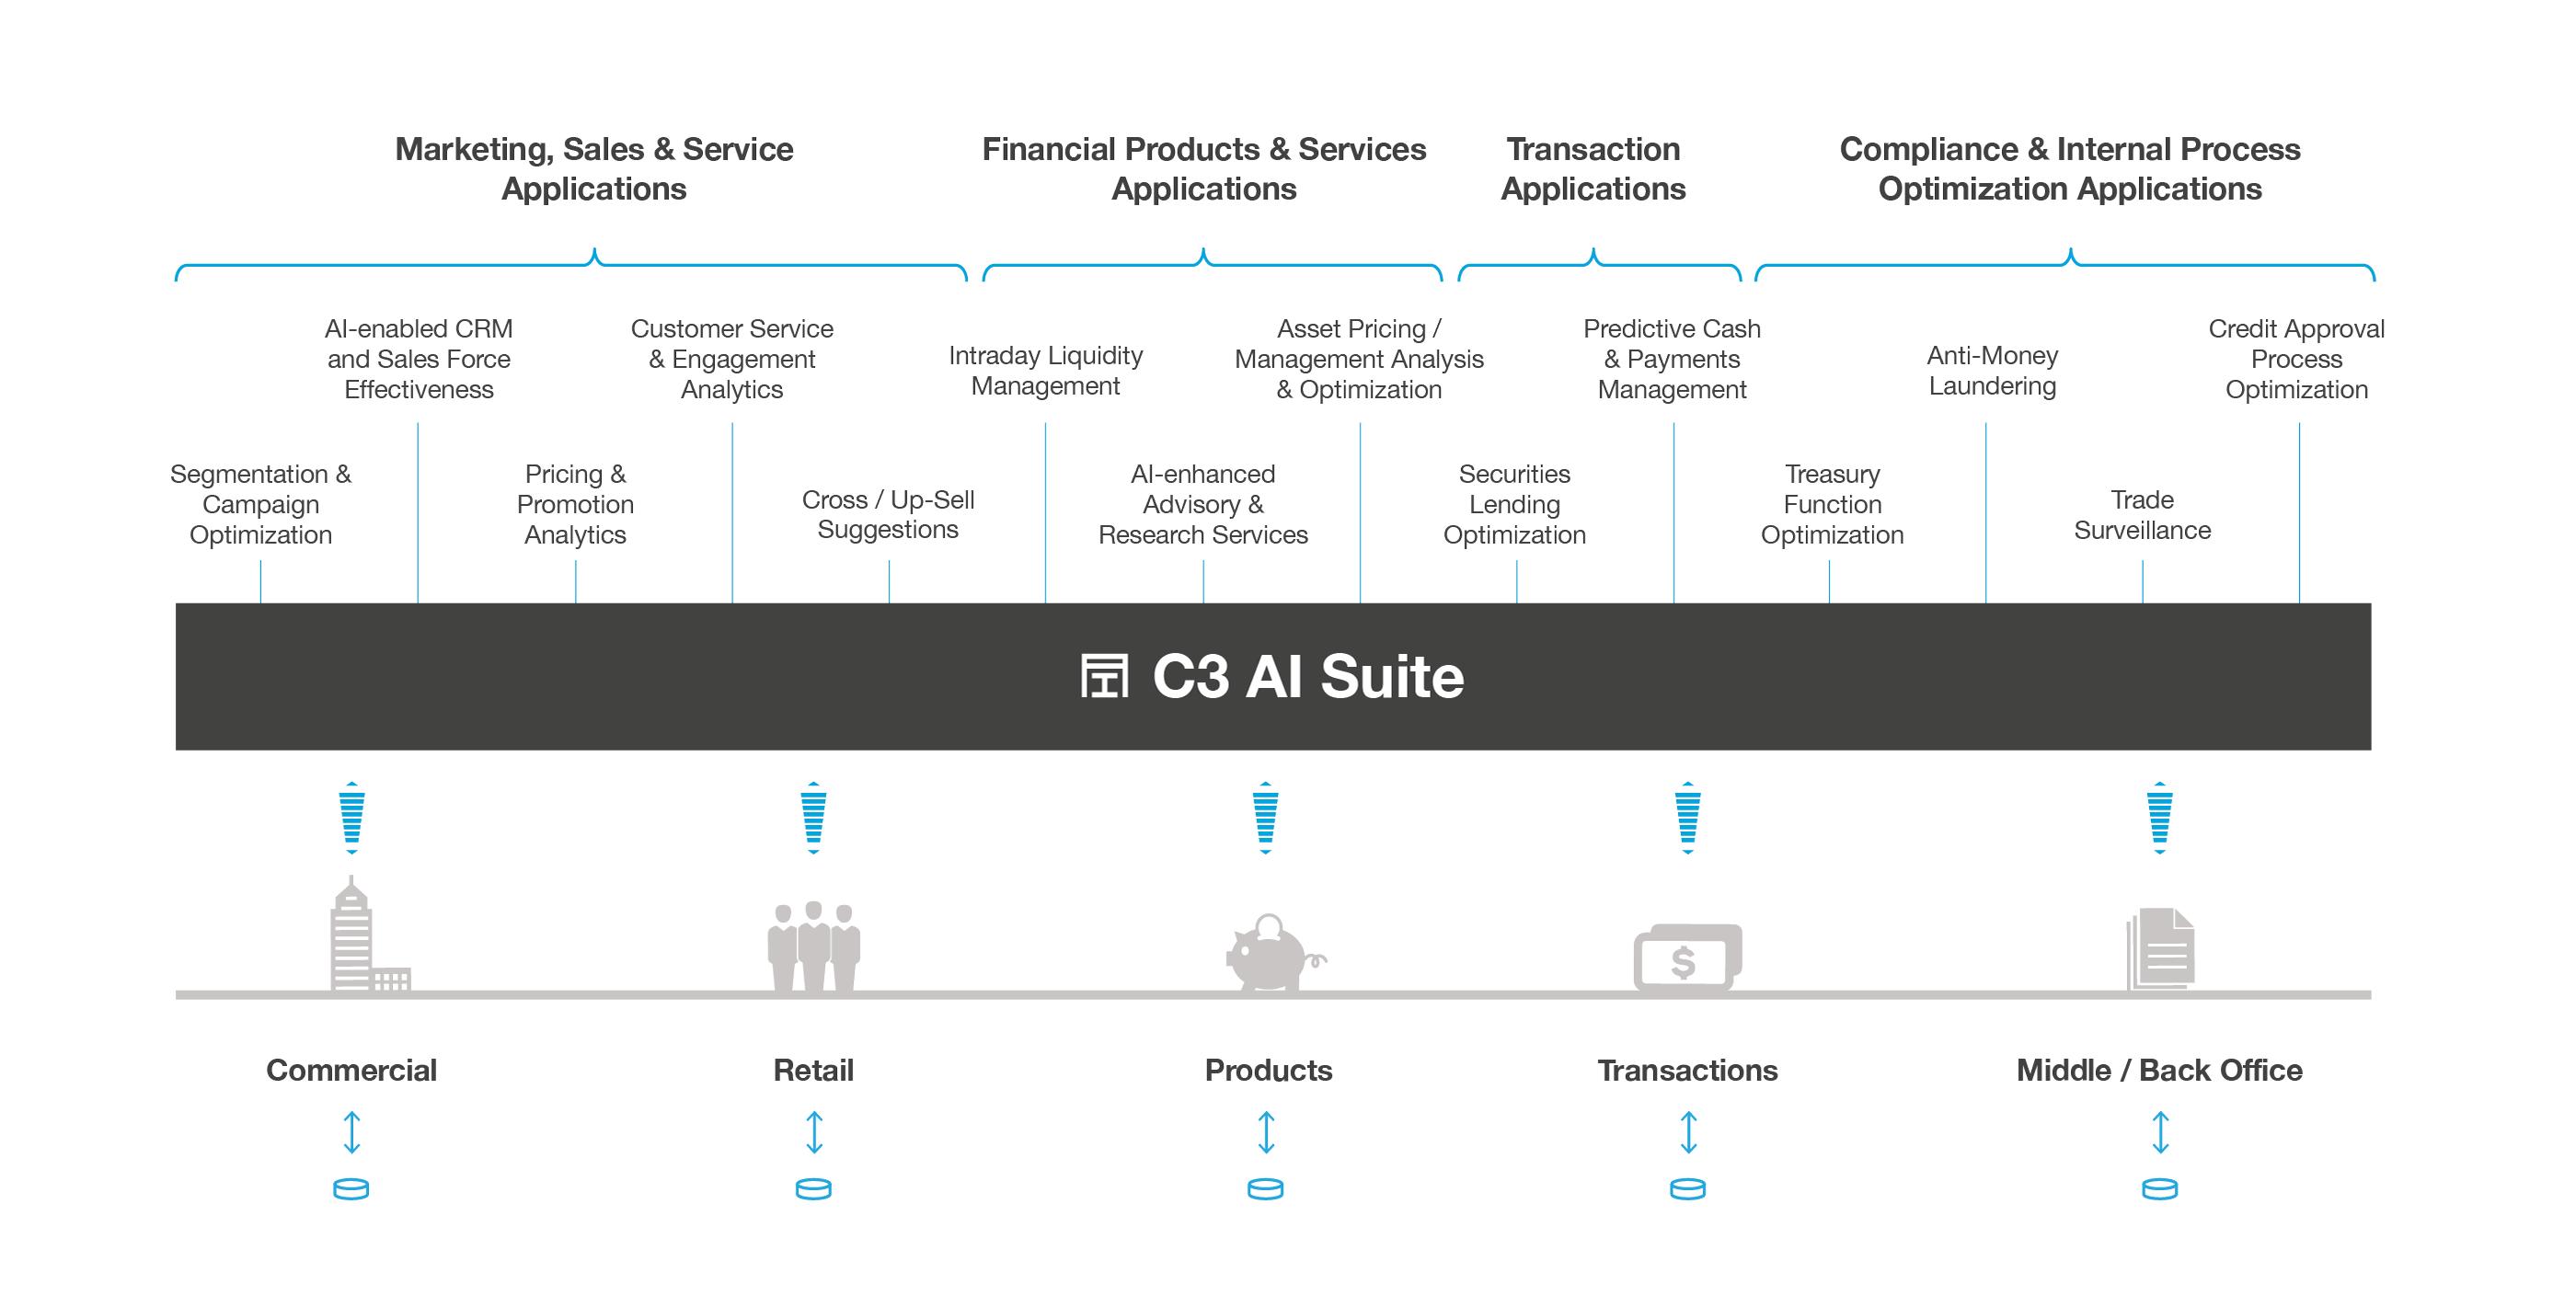 C3 AI Suite